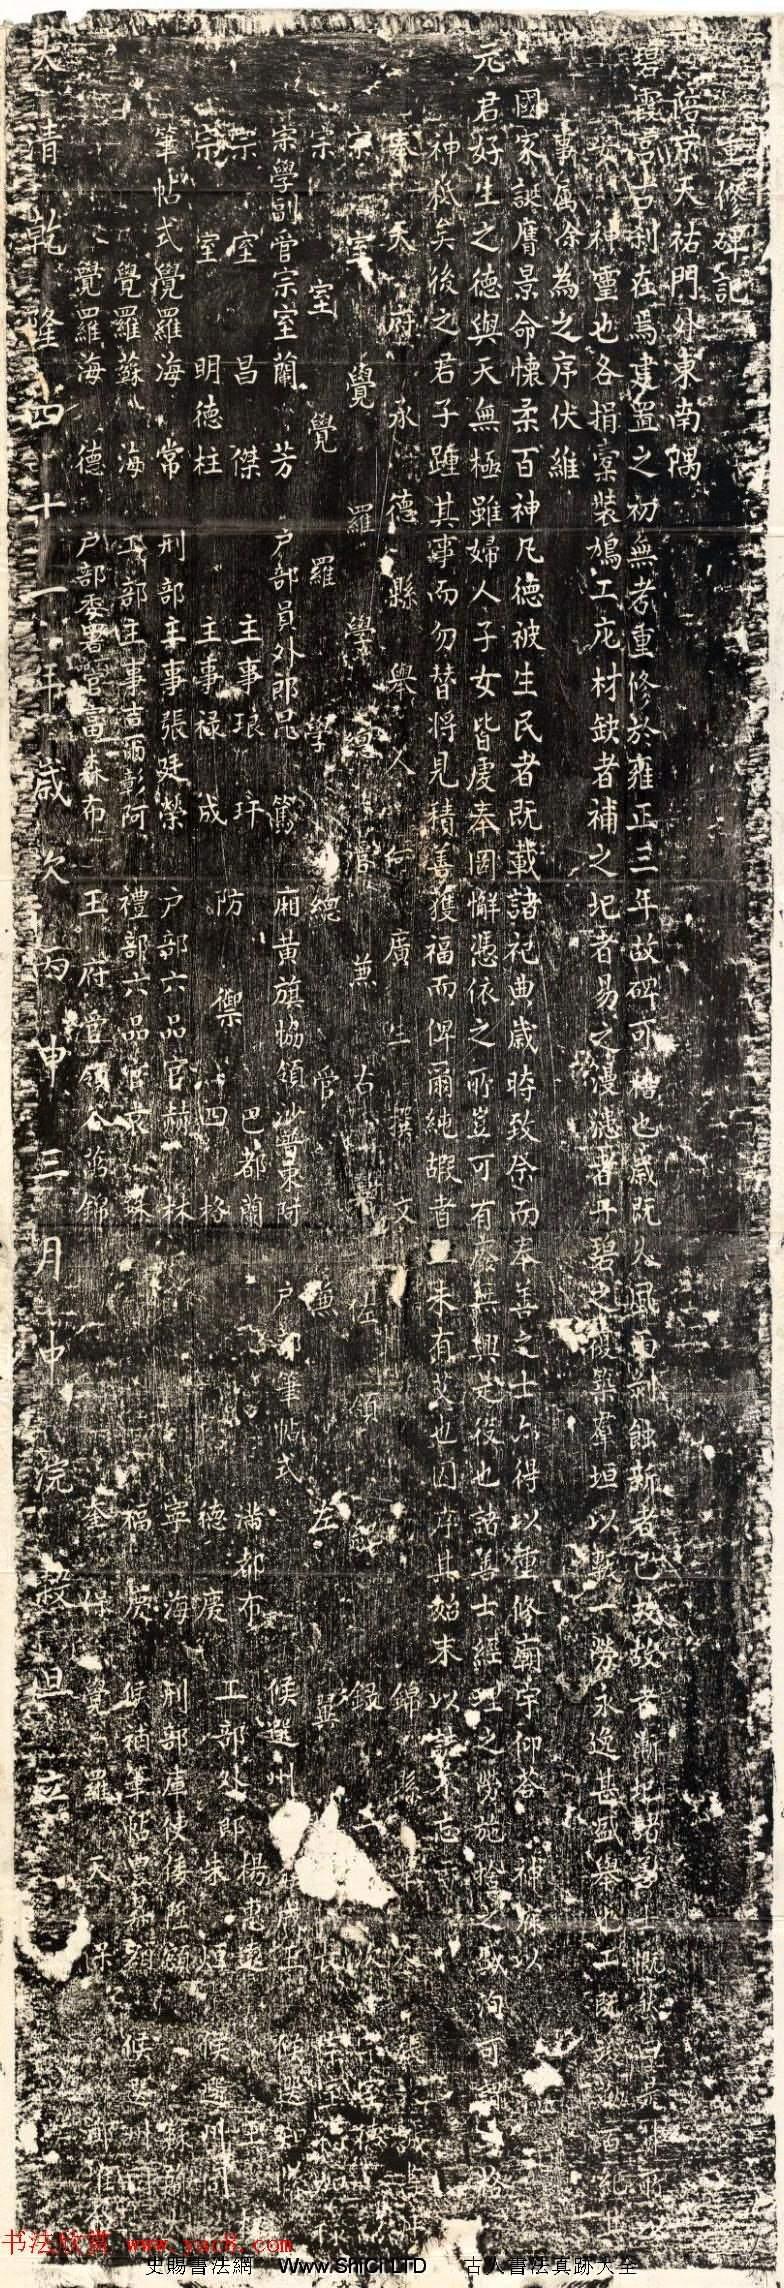 清代楷書石刻《重修碧霞宮碑記》(共2張圖片)